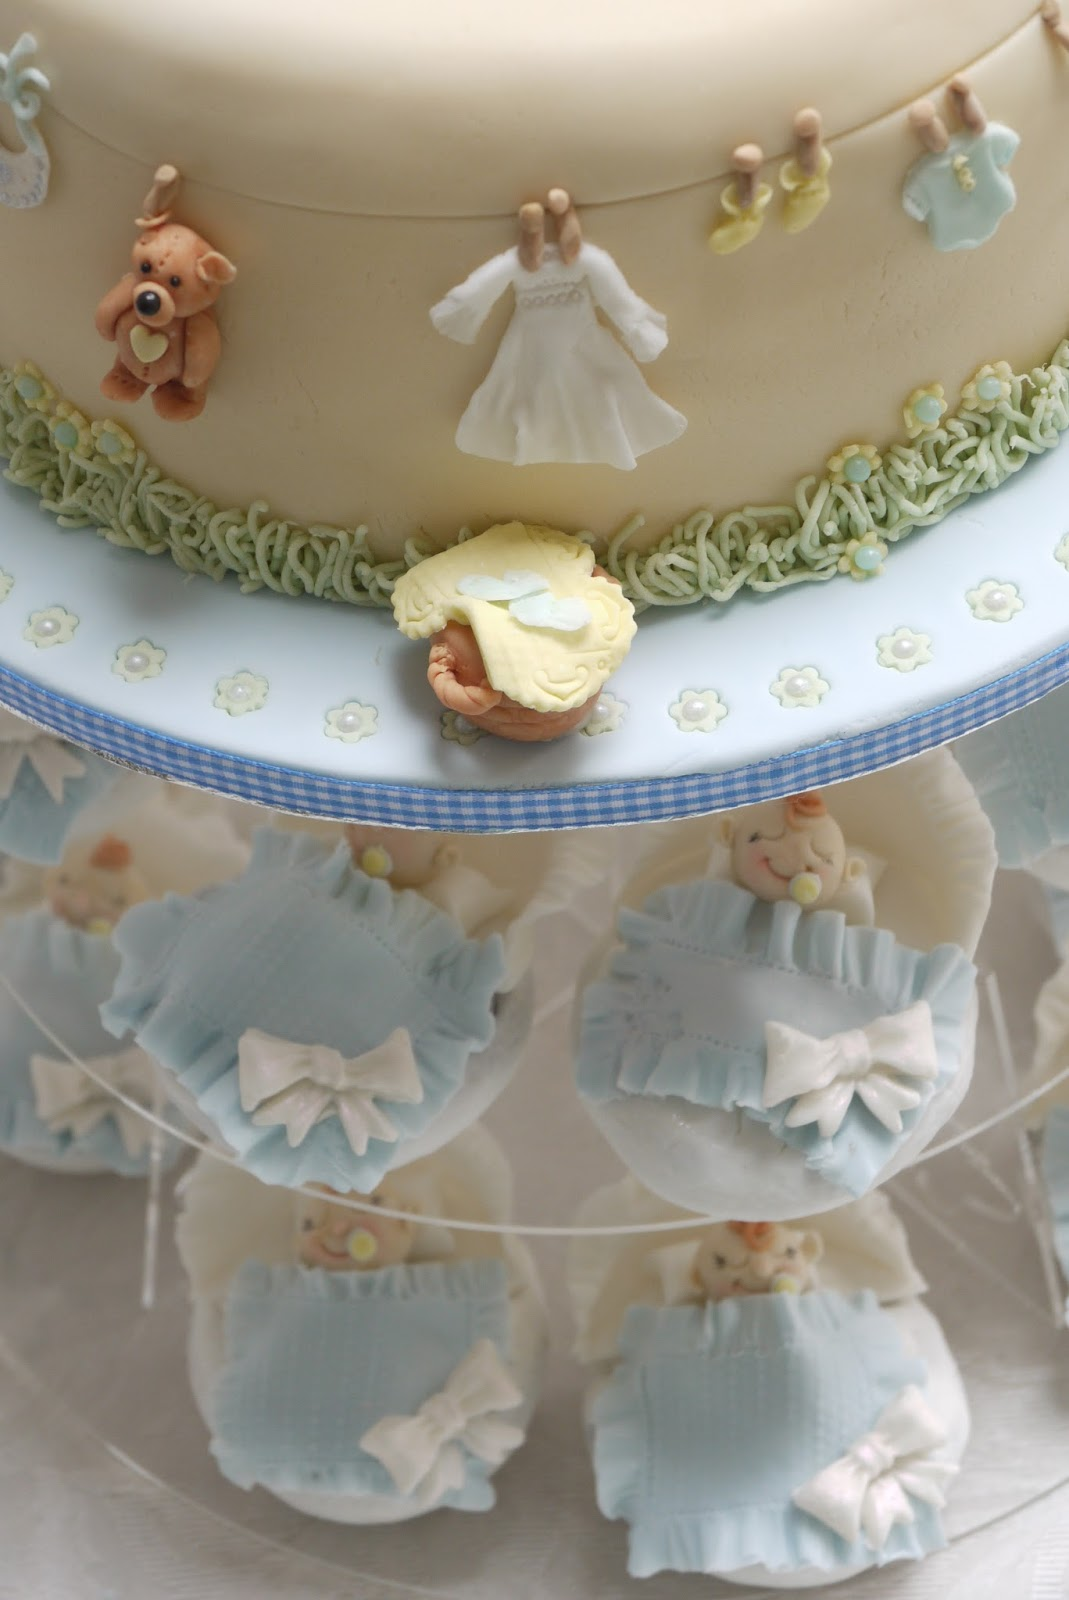 Scrummy Mummy's Cakes